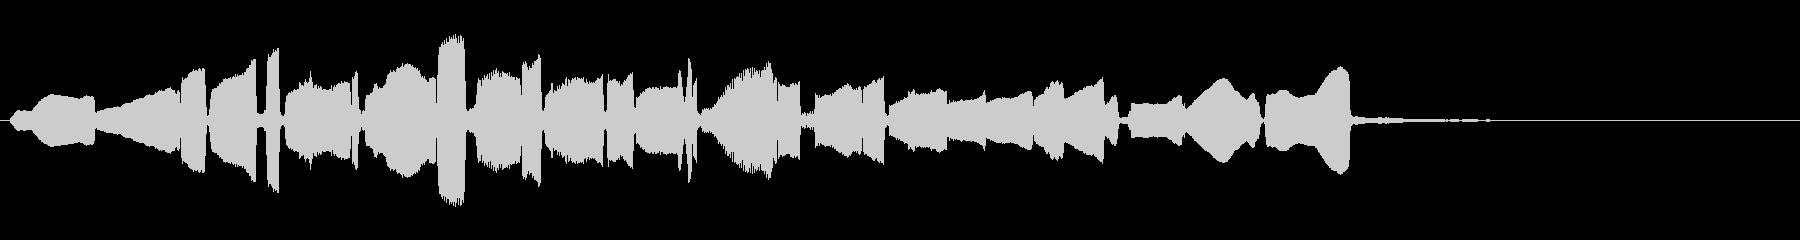 単音 リバースギターの未再生の波形